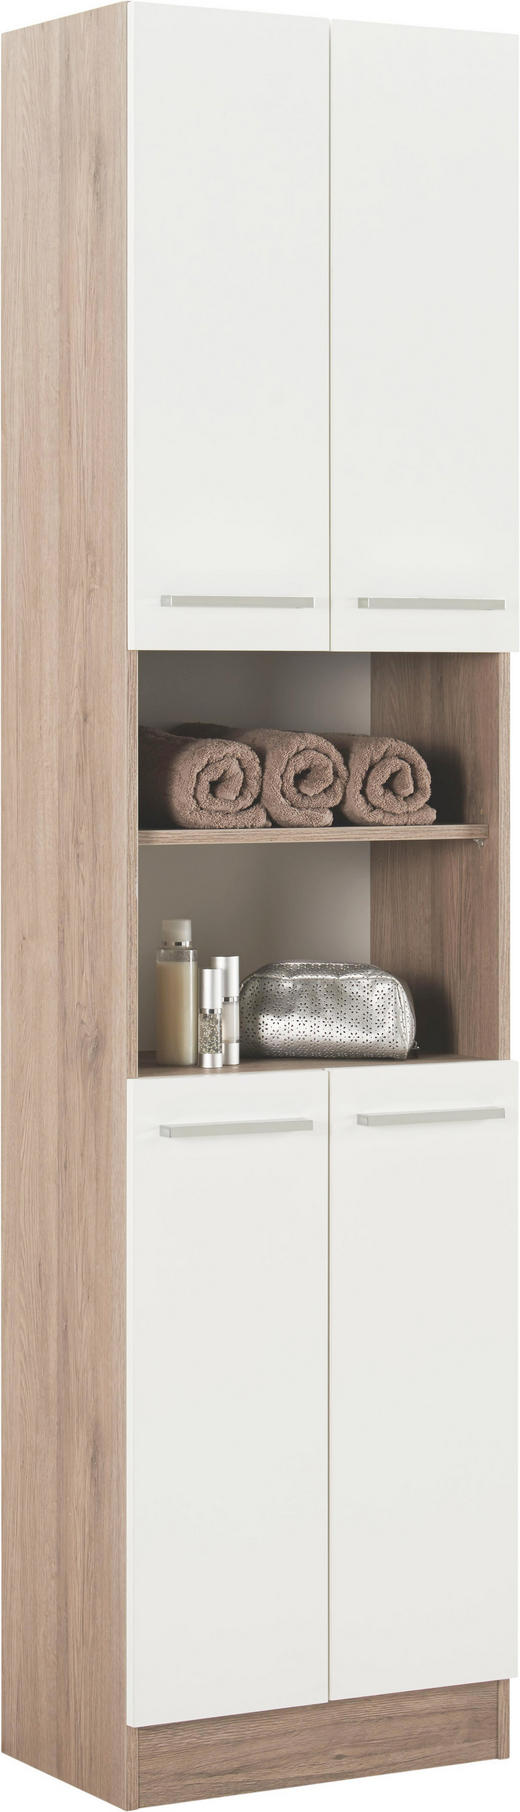 HOCHSCHRANK Weiß - Chromfarben/Eichefarben, Design, Holzwerkstoff/Metall (50/195,5/33cm) - Carryhome